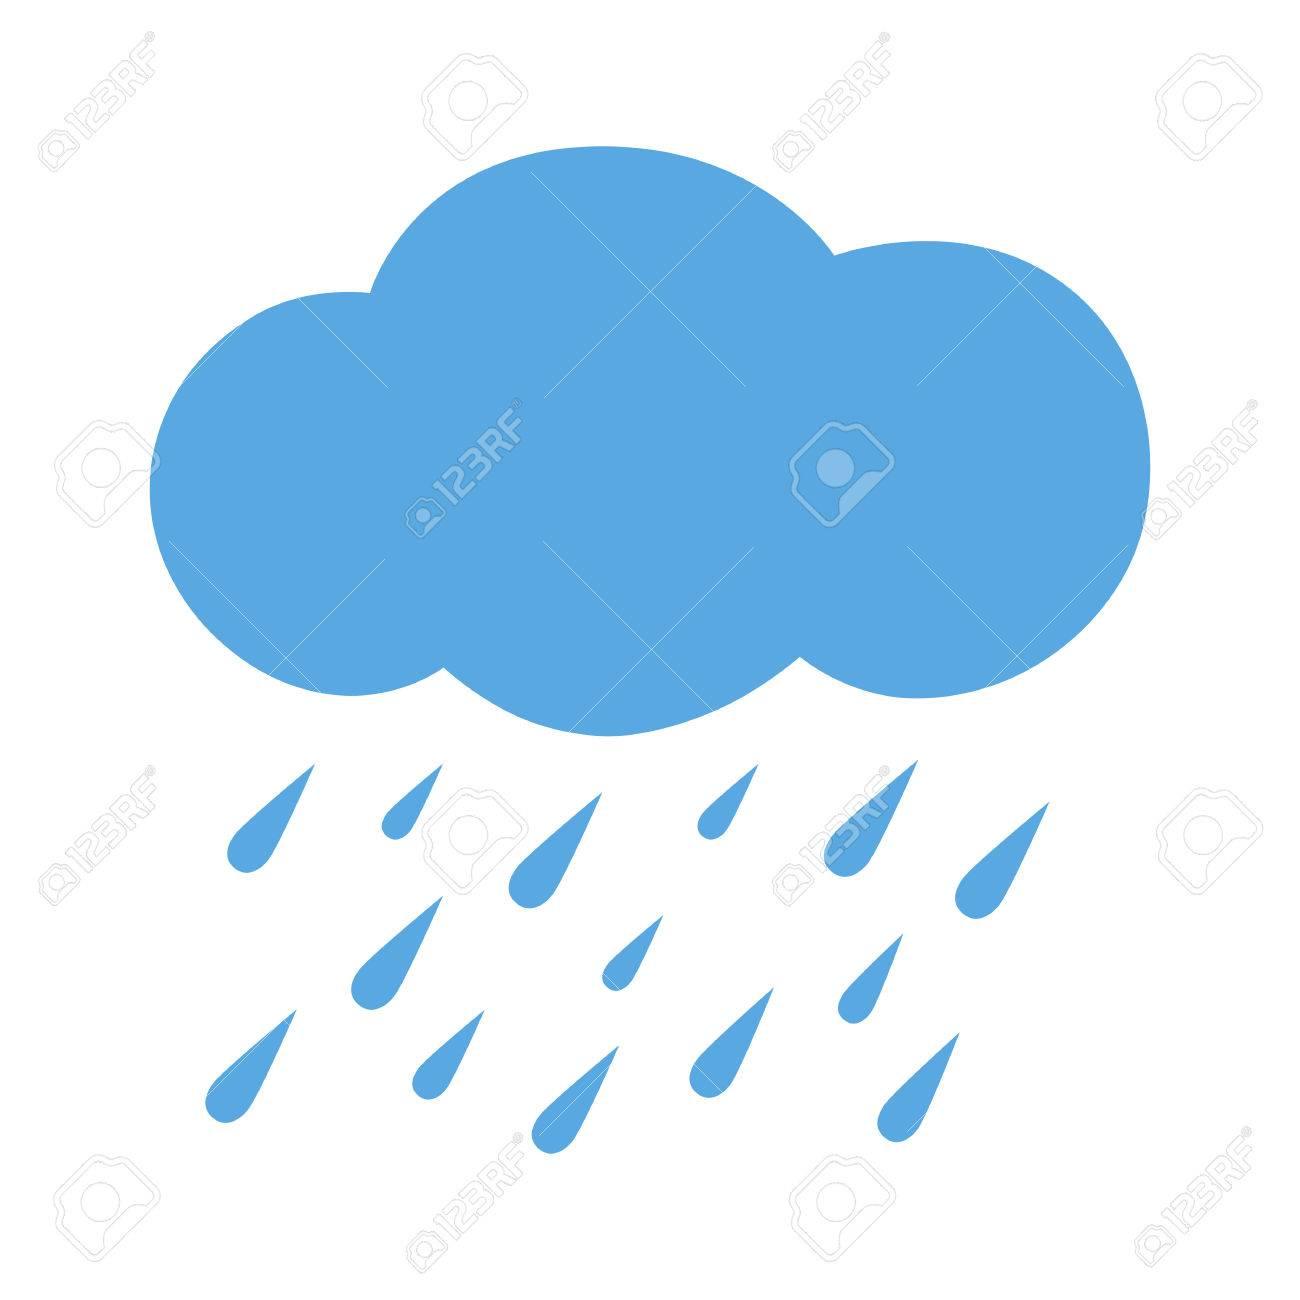 フラット アイコン大雨ベクトルの図のイラスト素材ベクタ Image